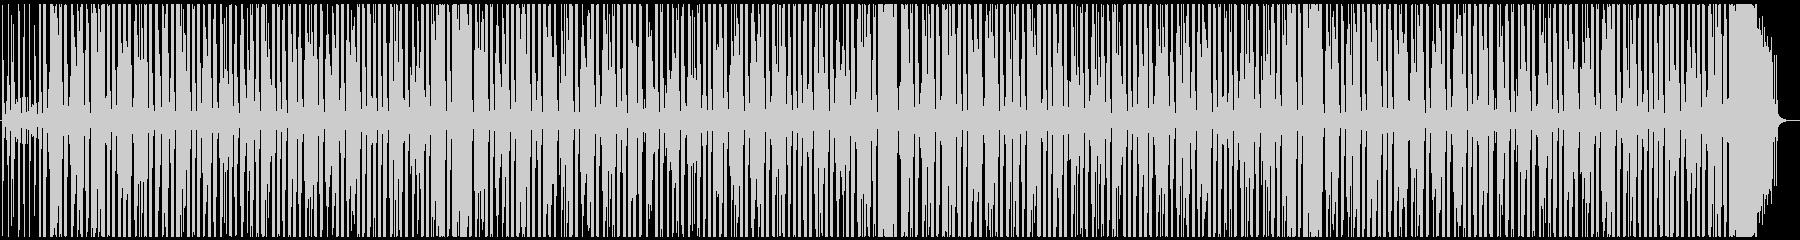 陽気・軽快 アコギブルース【ver2】の未再生の波形